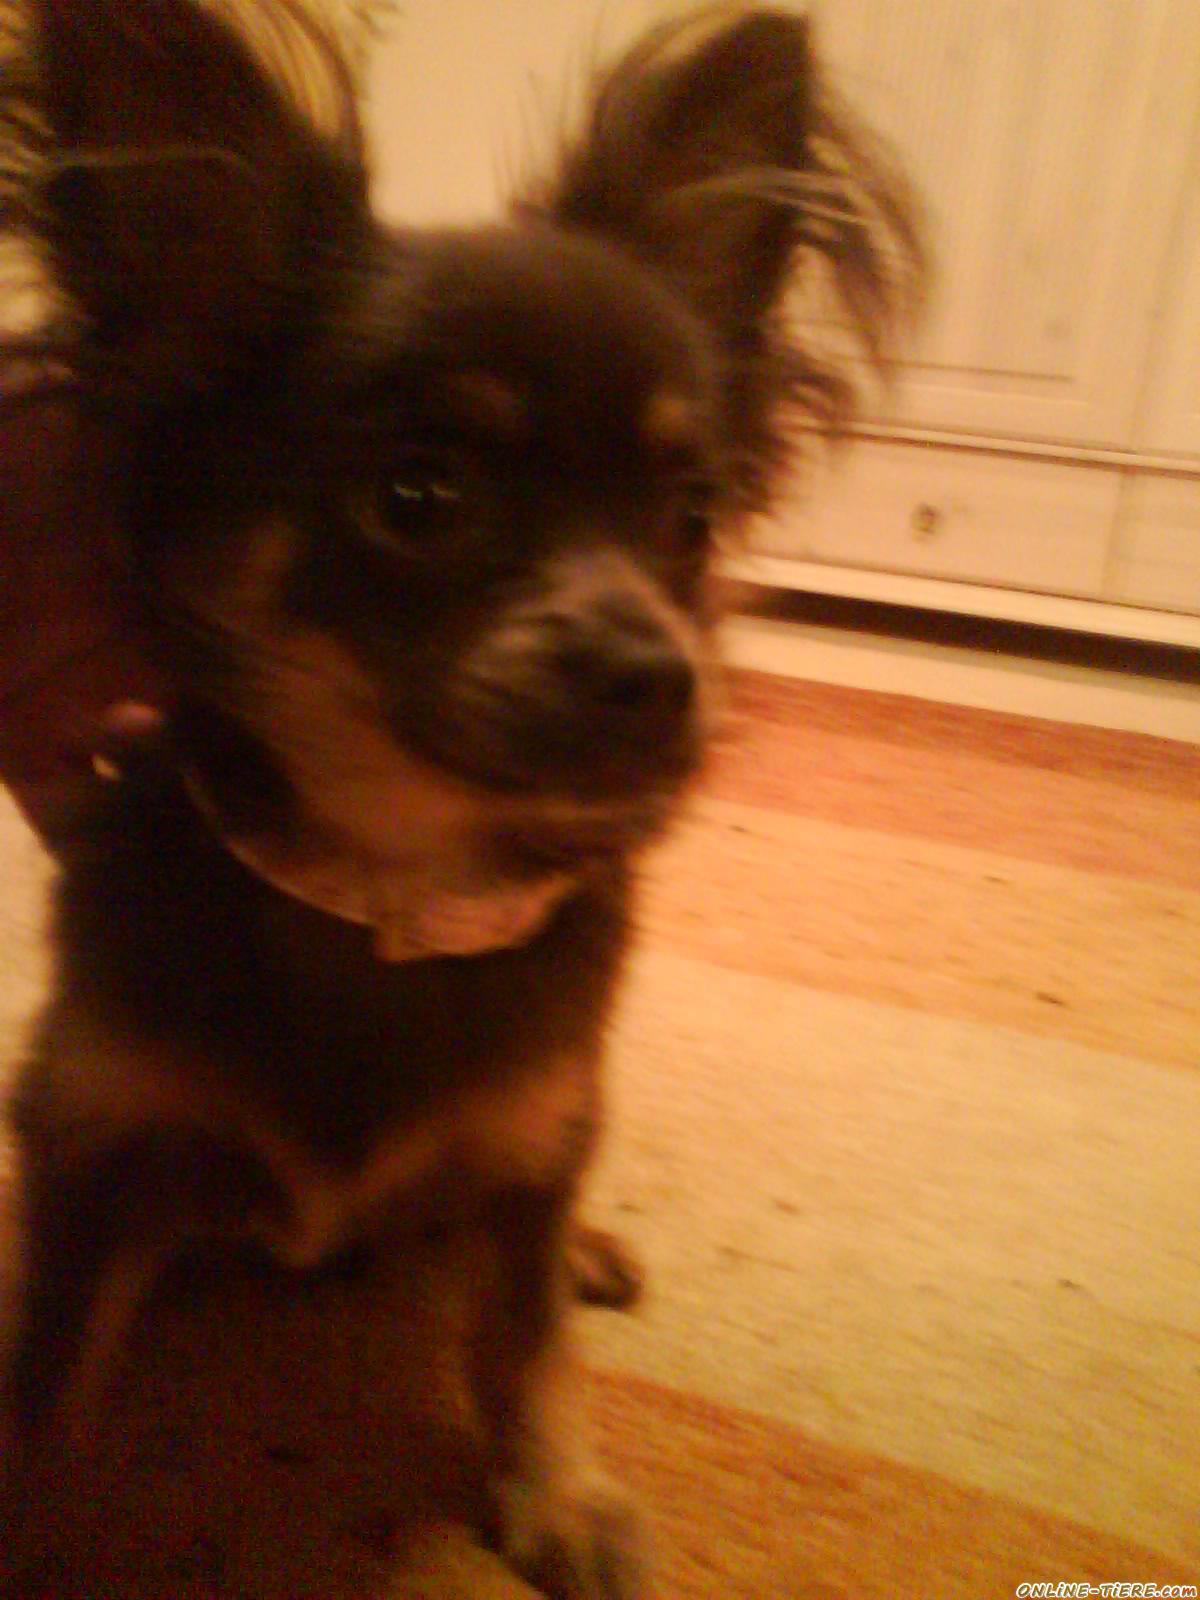 Teakholz Gartenmobel Streichen : Chihuahua Langhaar 70378 Stuttgart Hunde zu verkaufen 8803